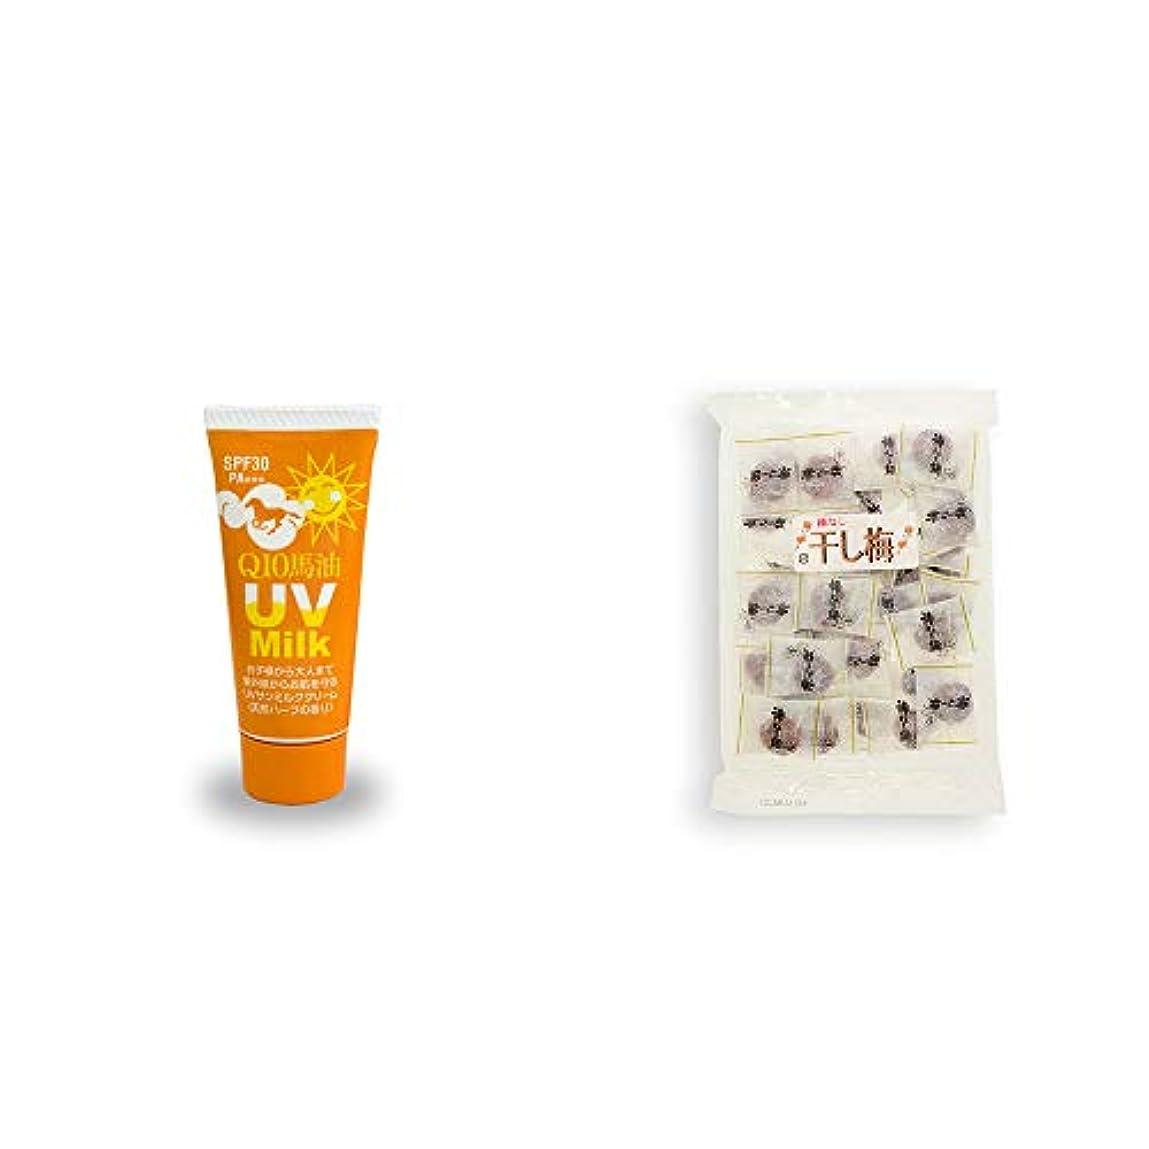 フラフープ回転十二[2点セット] 炭黒泉 Q10馬油 UVサンミルク[天然ハーブ](40g)?種なし干し梅(160g)[個包装]